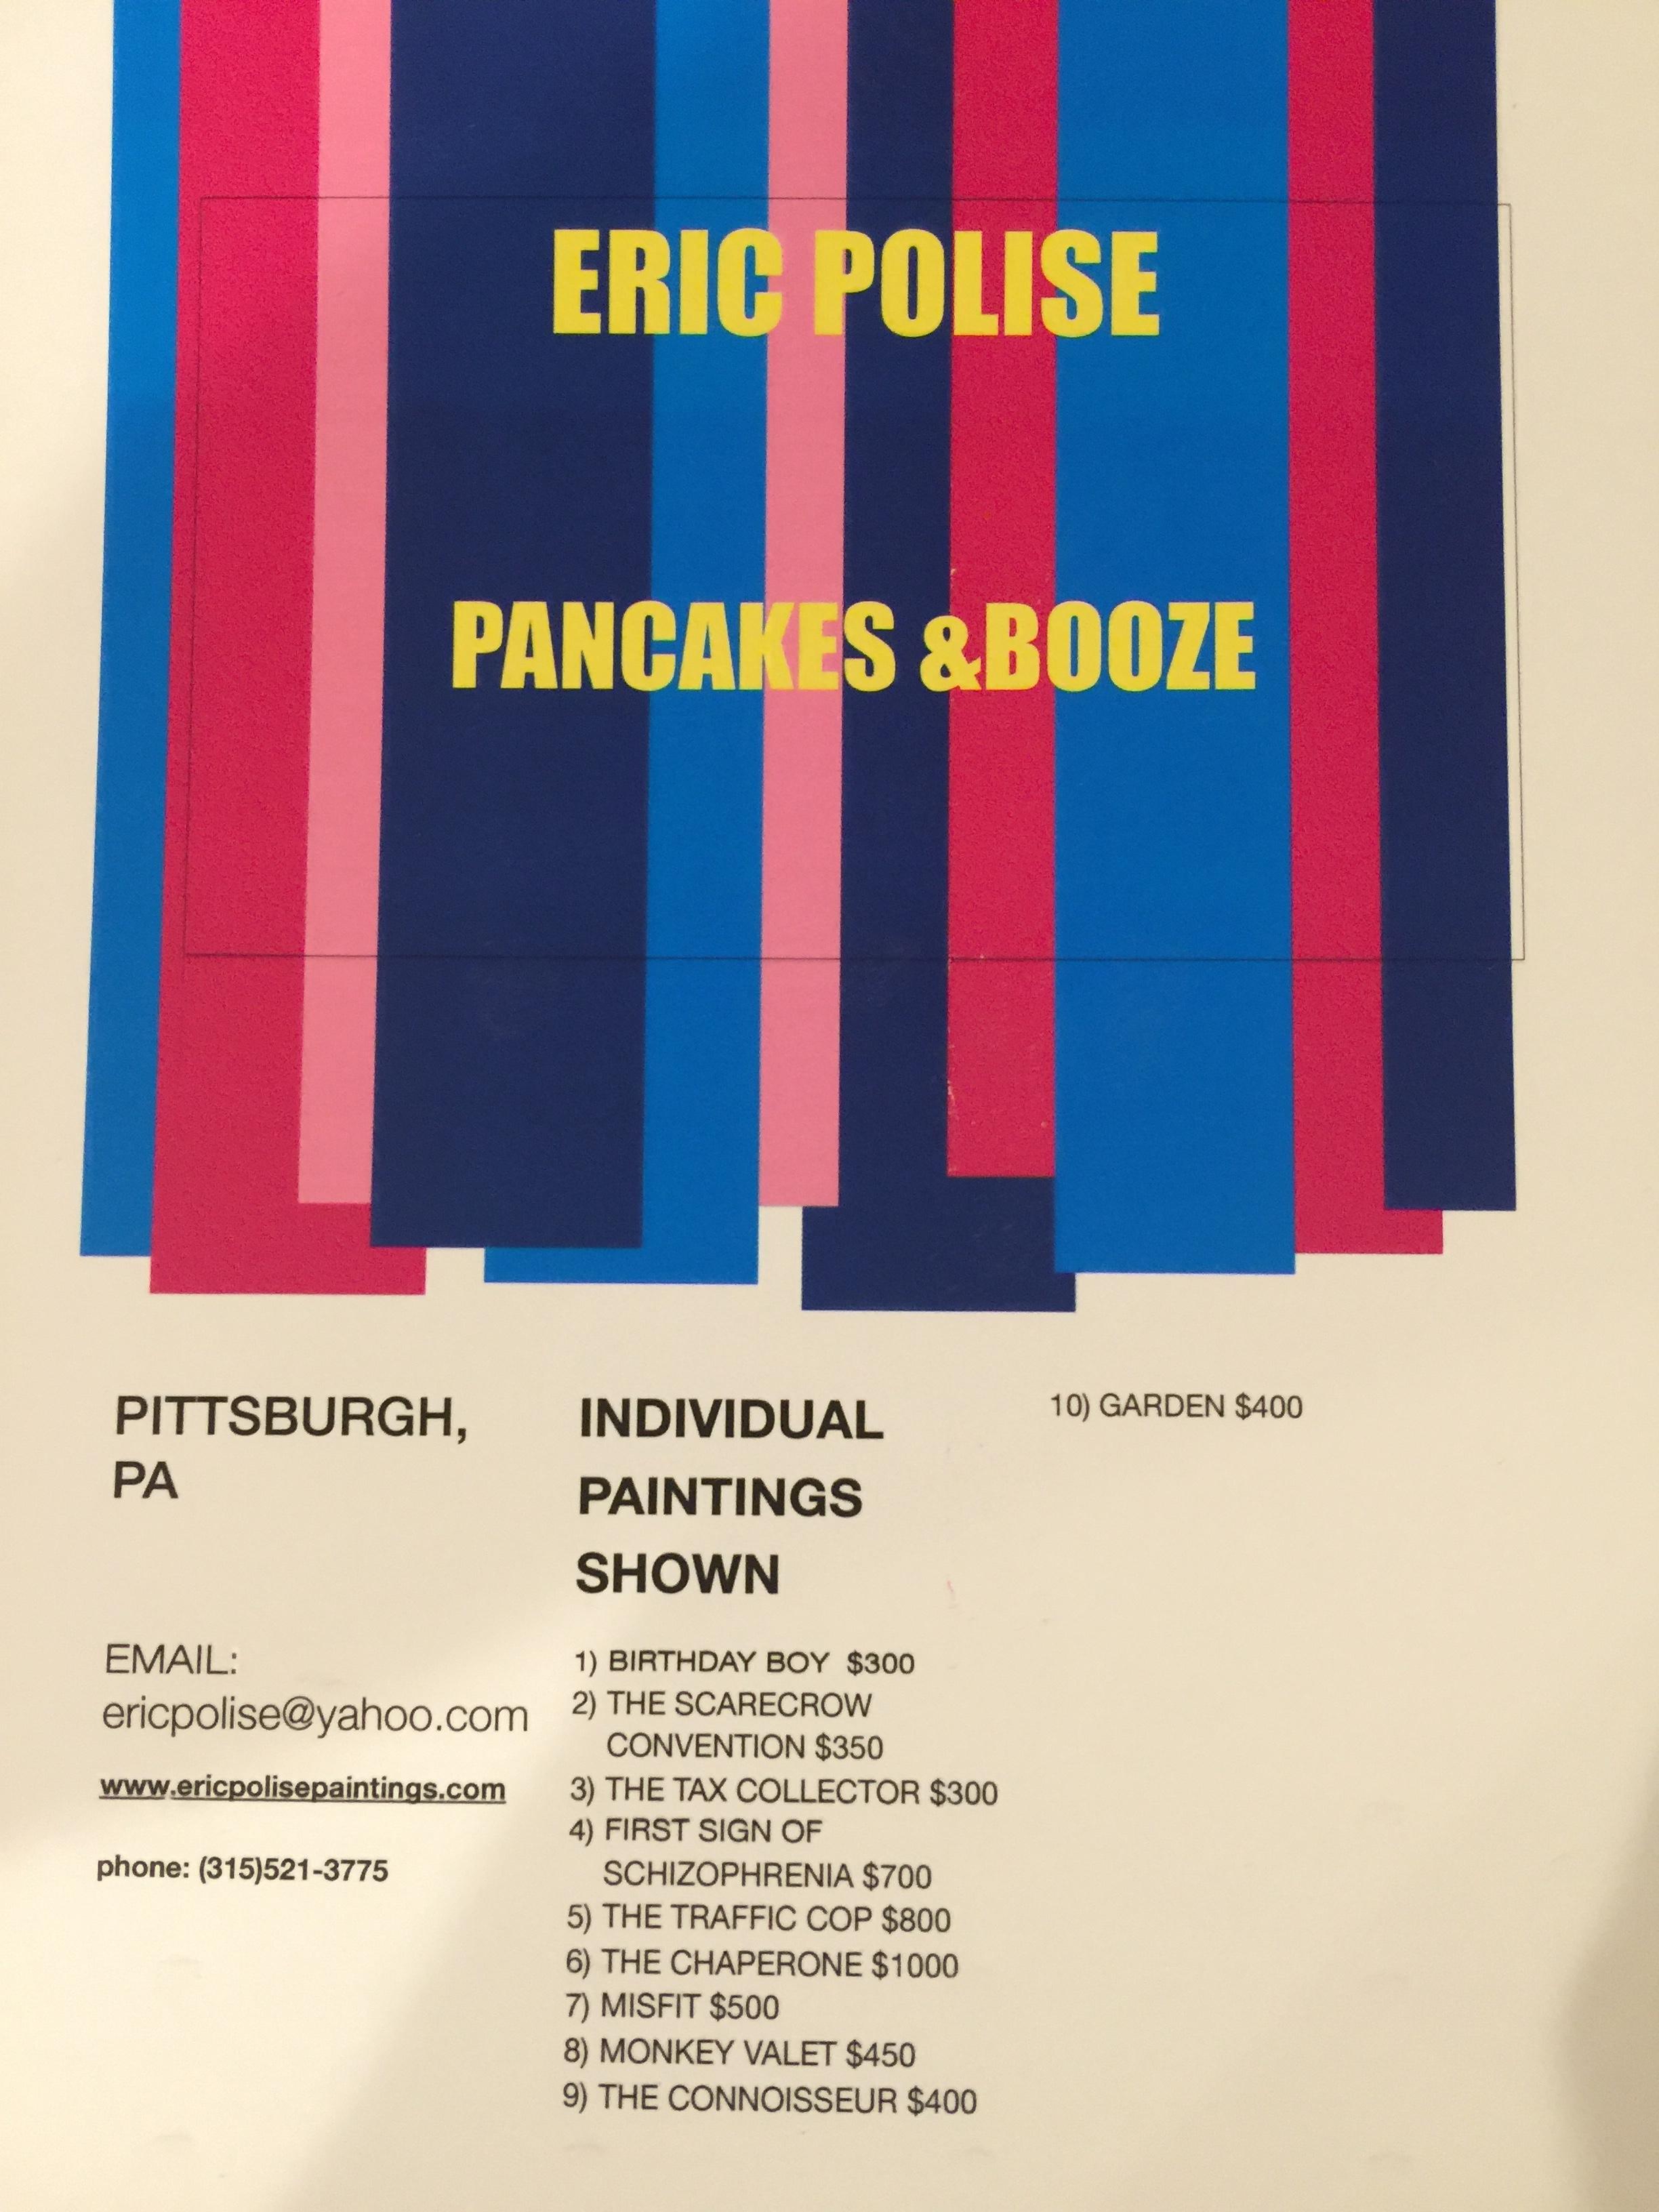 PANCAKES & BOOZE 2016 PITTSBURGH, PA.JPG